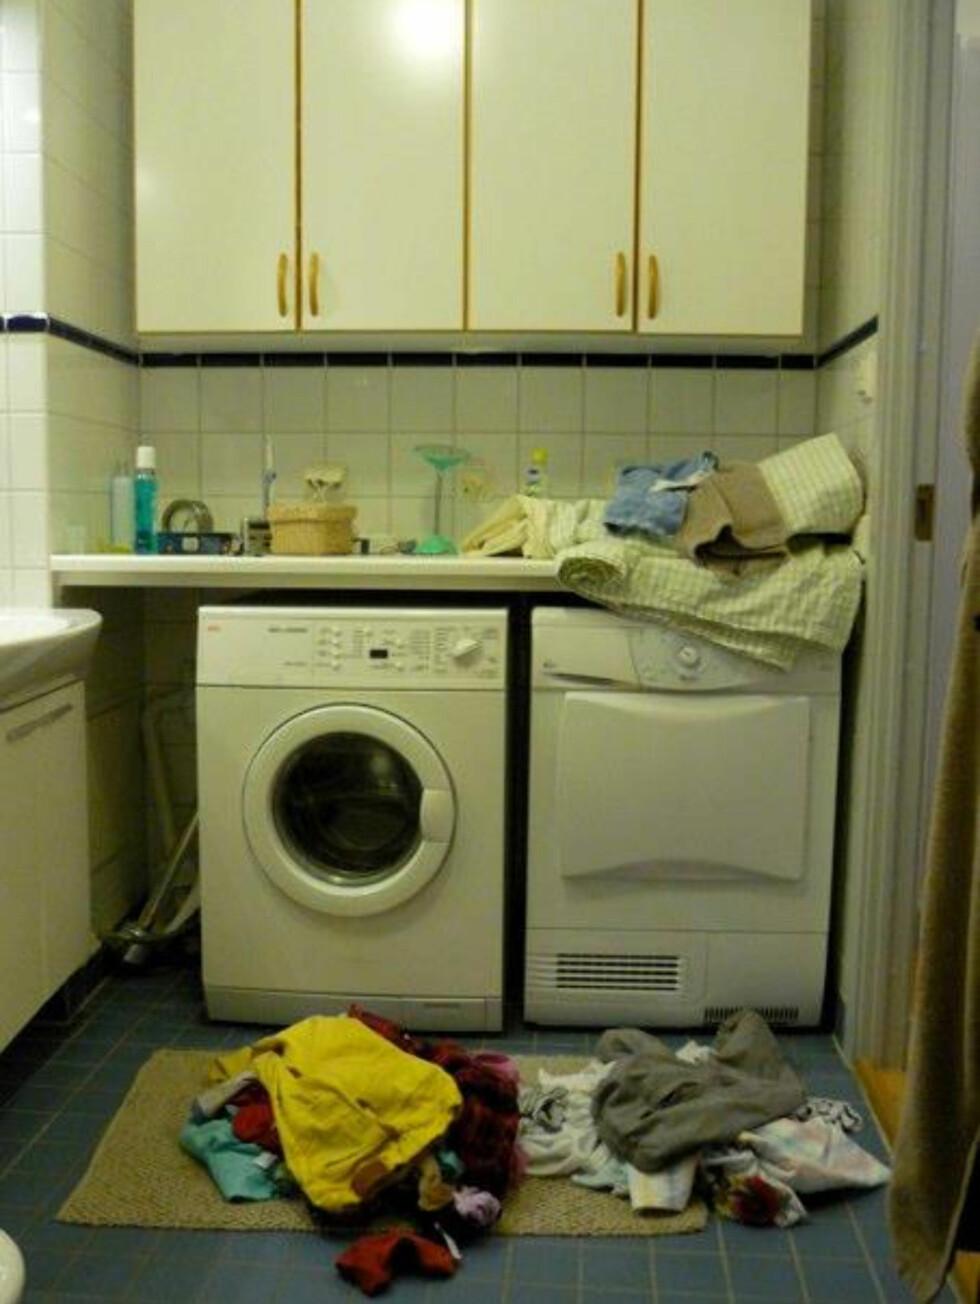 Ett enkelt och intuitivt system för tvätten: smutsigt på golvet och rent på bänkenTvättmaskin ÖKO-Lavamat från AEG Foto: Moa Söderhielm